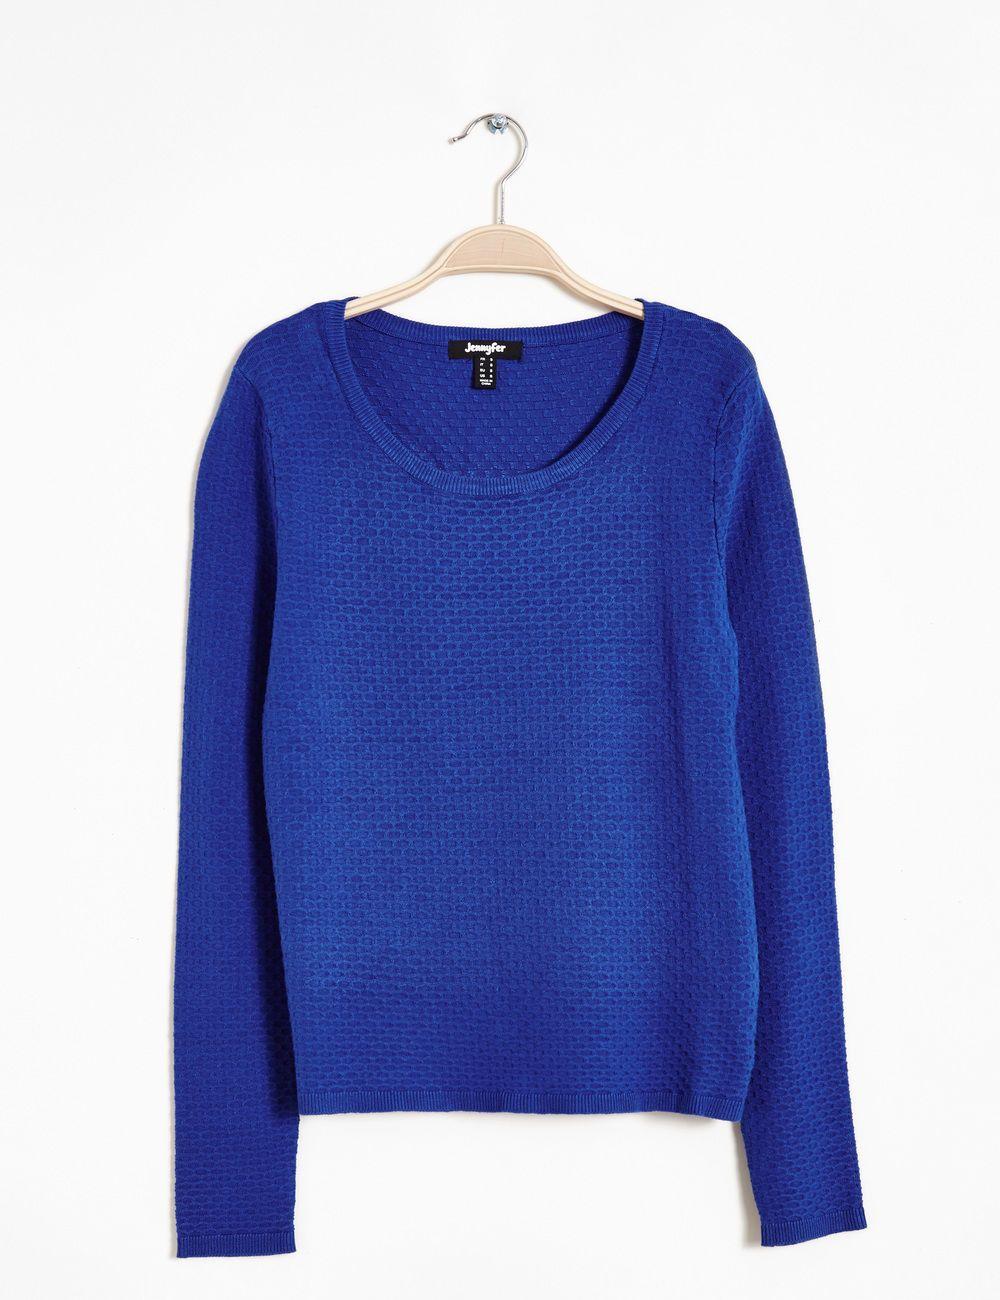 Pull reliéfé bleu éléctrique - http://www.jennyfer.com/fr-fr/collection/pulls-et-gilets/pull-reliefe-bleu-electrique-10008615049.html